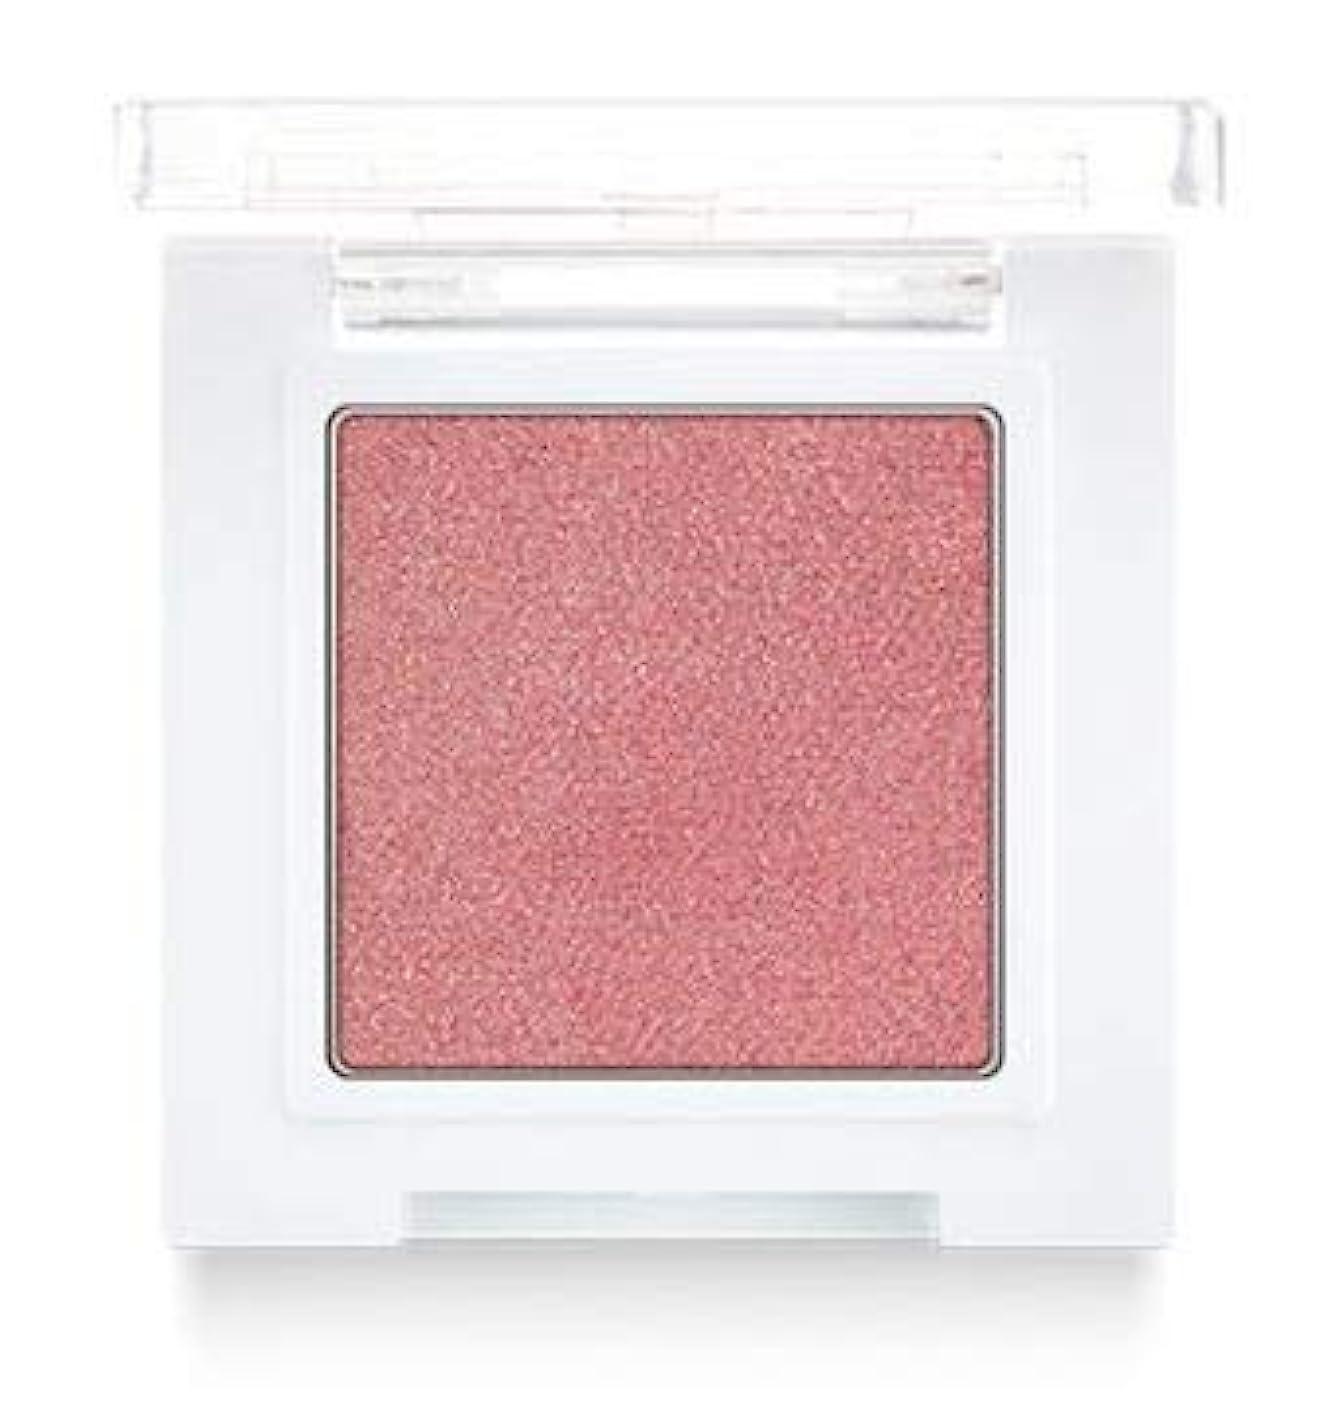 甘くするペチュランス知っているに立ち寄る[BANILA CO] Eyecrush Shimmer Shadow 2.2g #SPK03 Marshmallow Pink / [バニラコ] アイクラッシュシマーシャドウ 2.2g #SPK03 マシュメロピンク [並行輸入品]